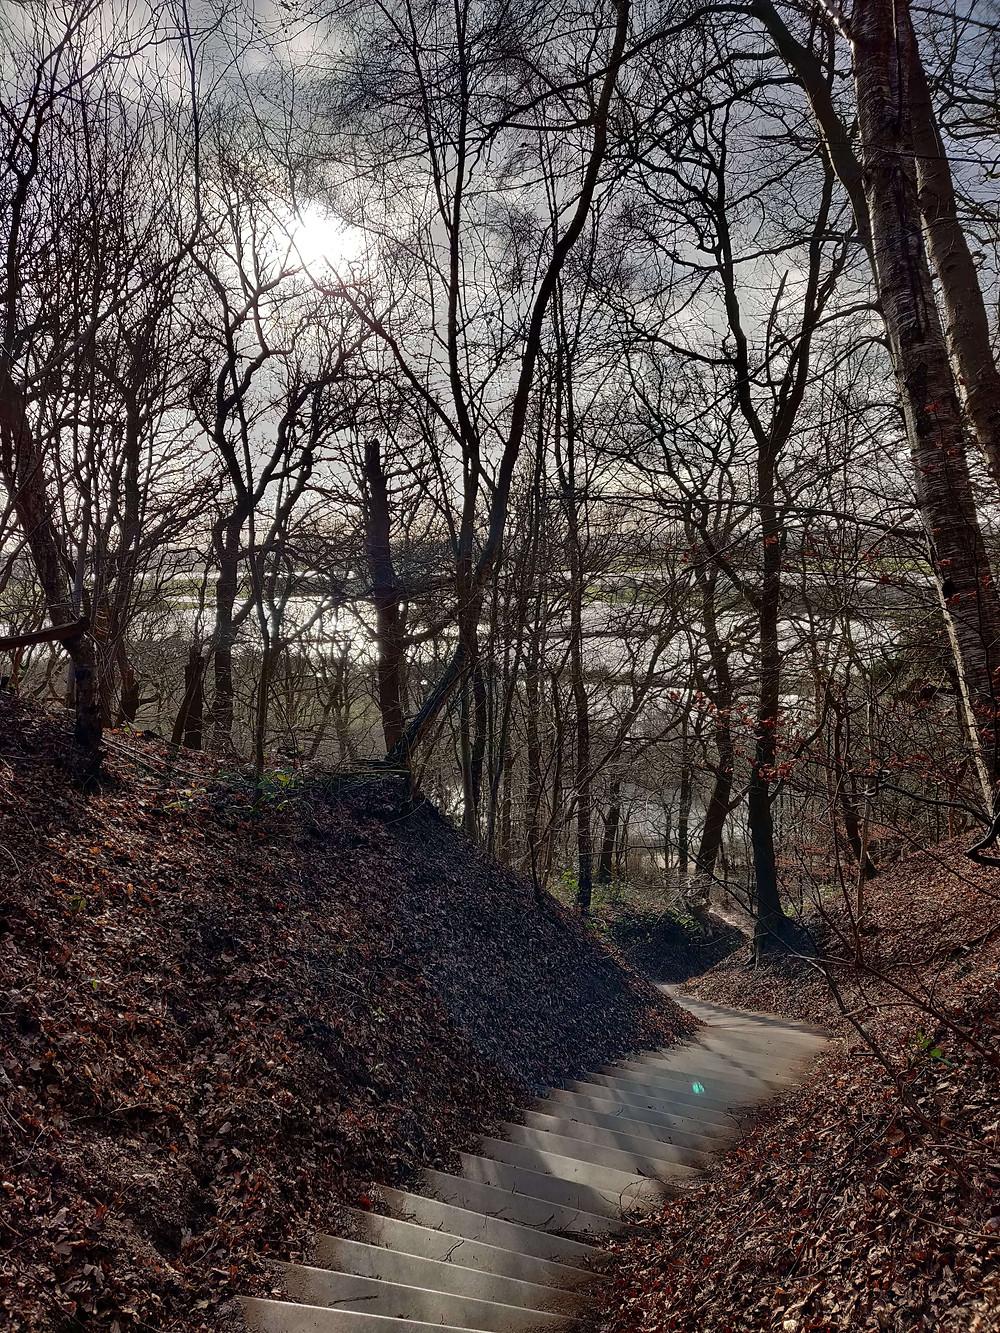 גרם מדרגות תלול היורד לכיוון הנהר